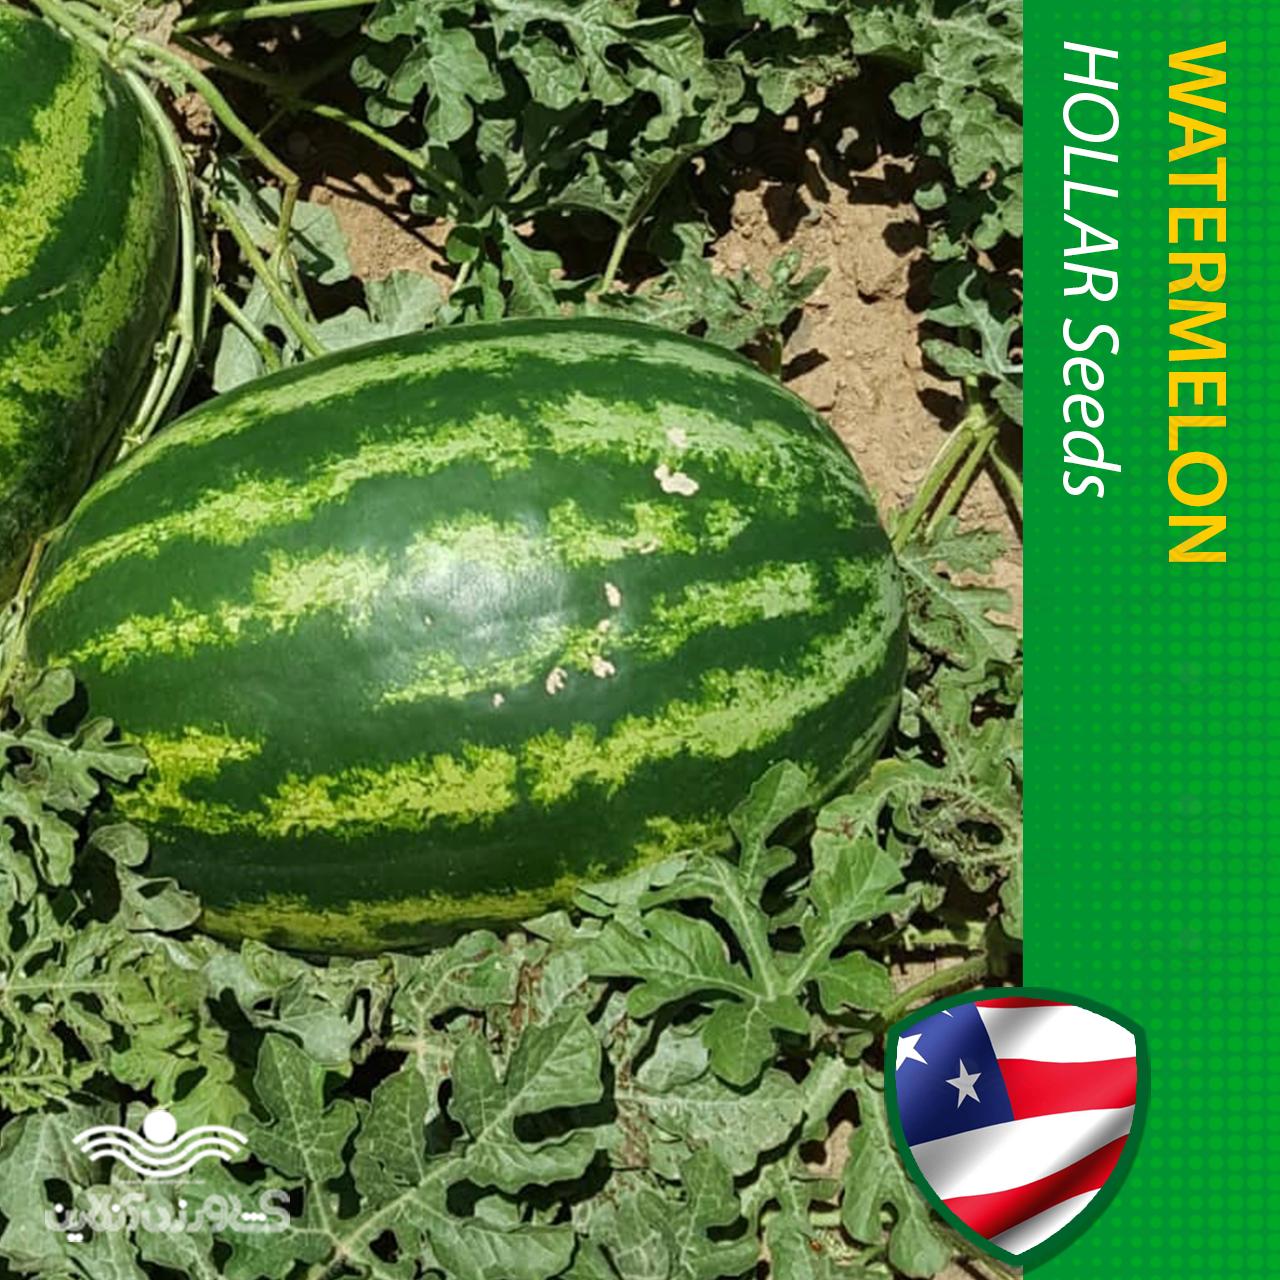 بذر هندوانه خطی آرژانتینی خانگی هولار آمریکا